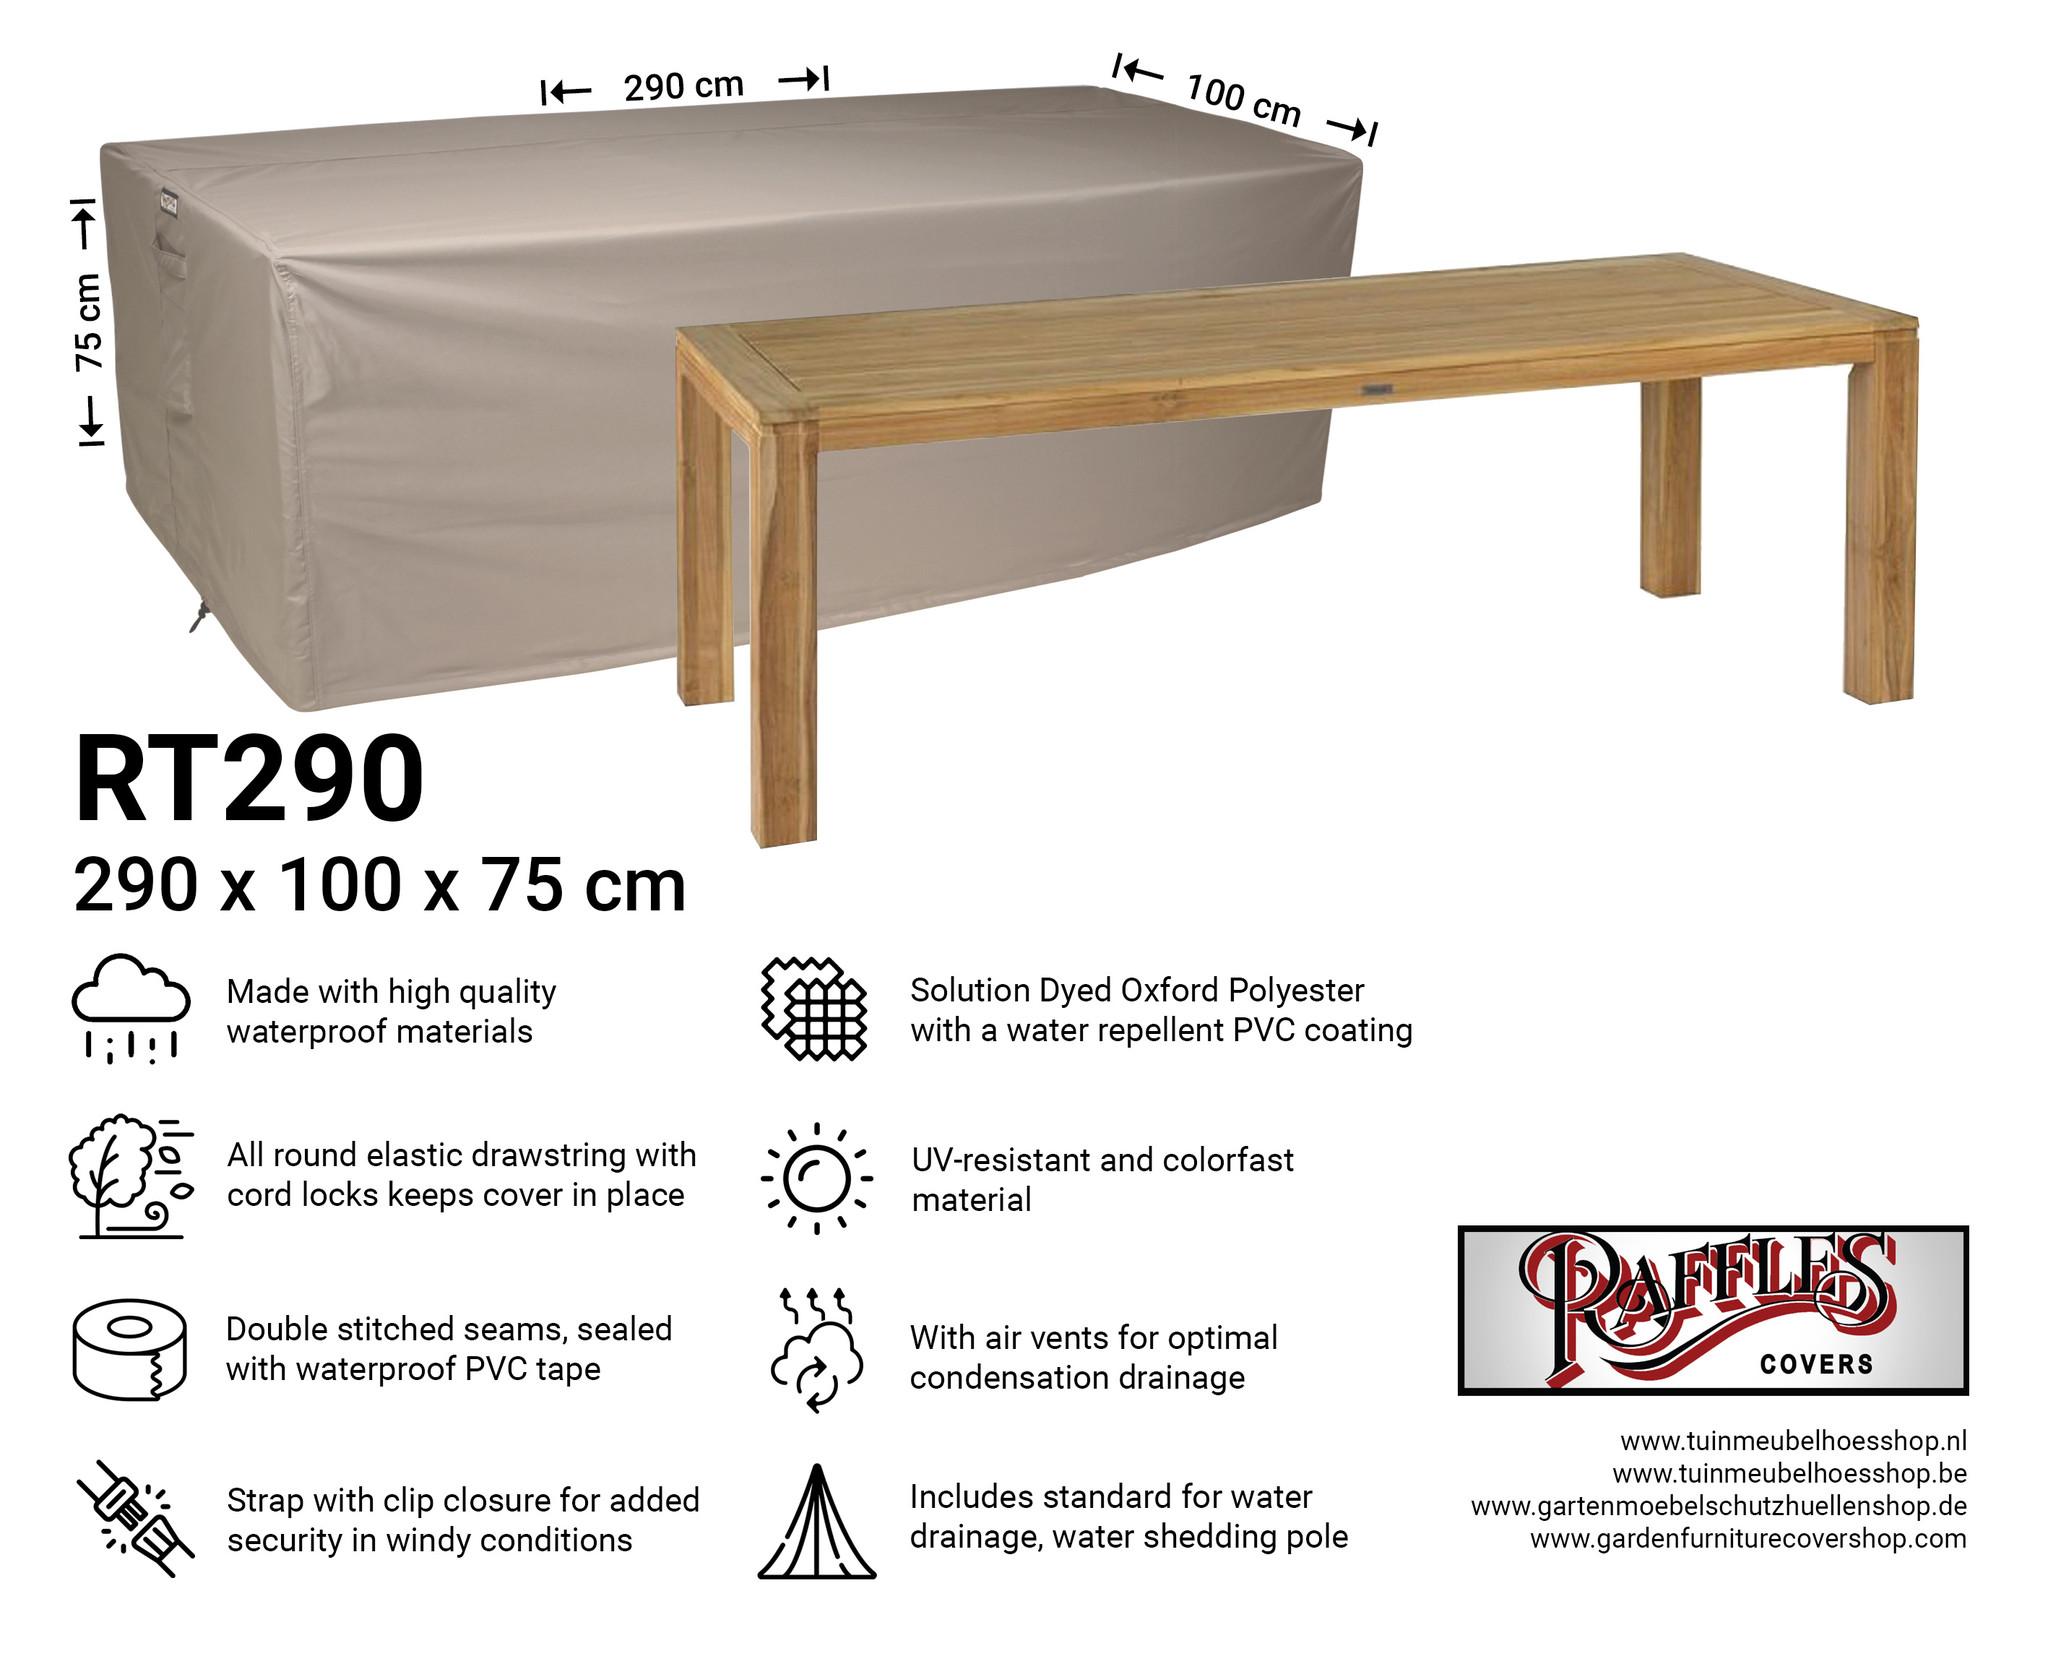 Garden Table Cover 290 X 100 Cm